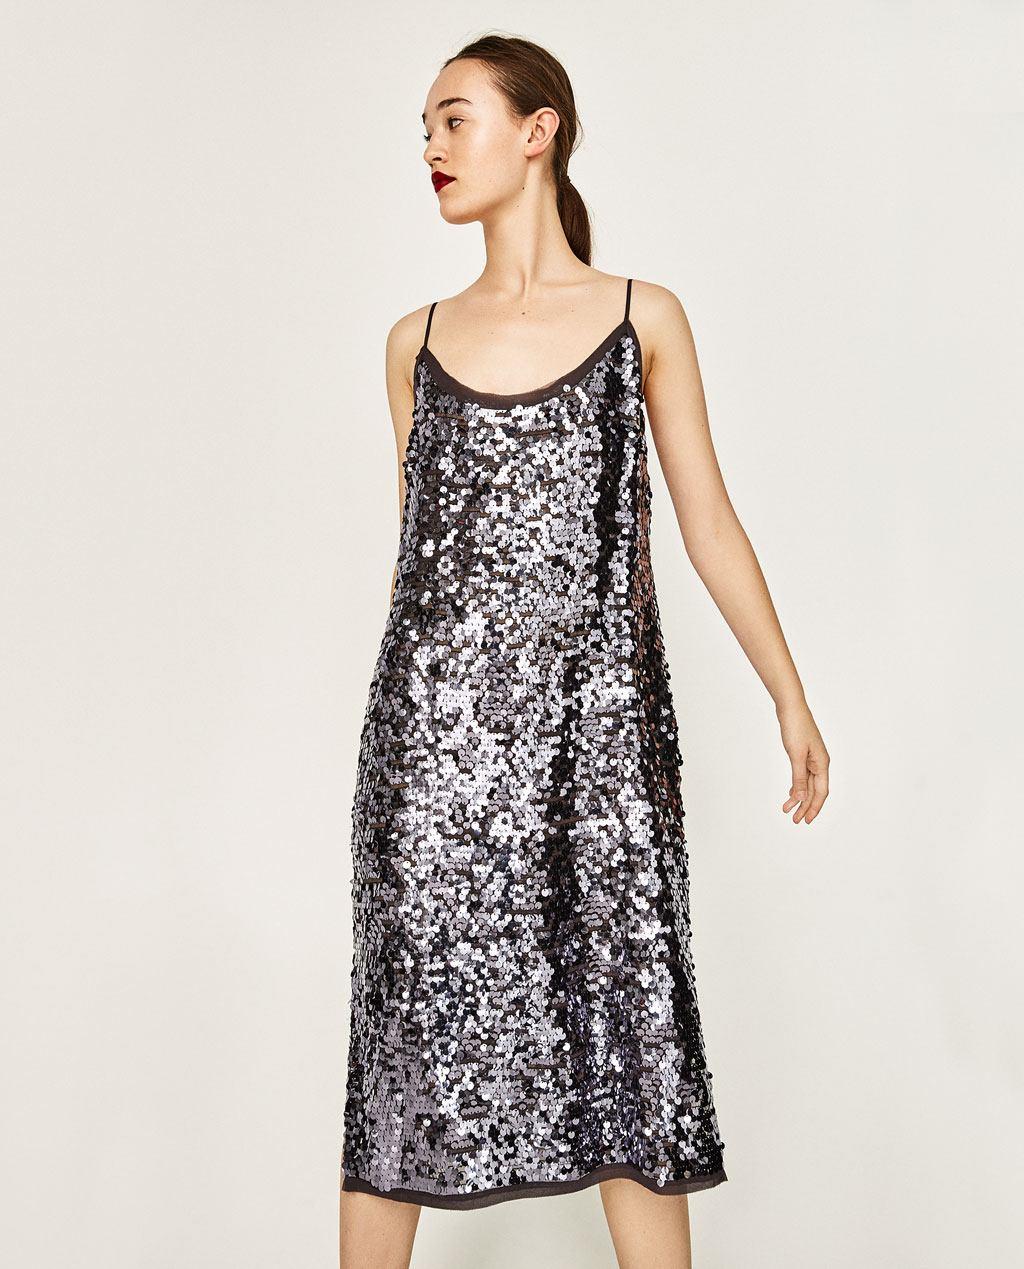 d7030355c766 Tutti gli abiti seguono le ultime tendenze in campo moda